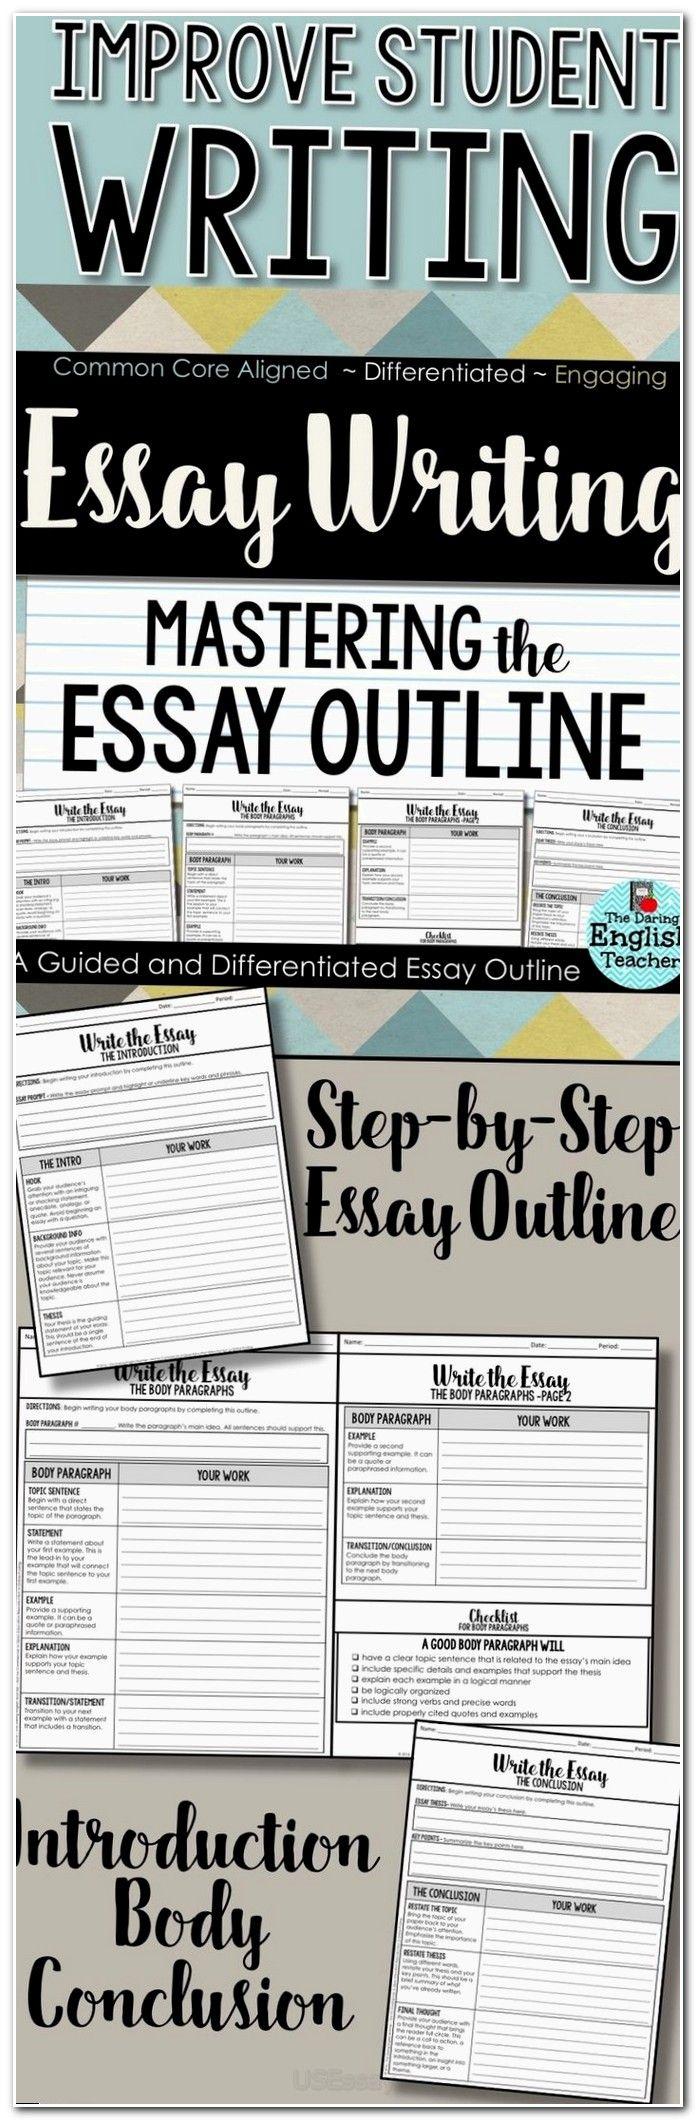 1 2 3 help me essays